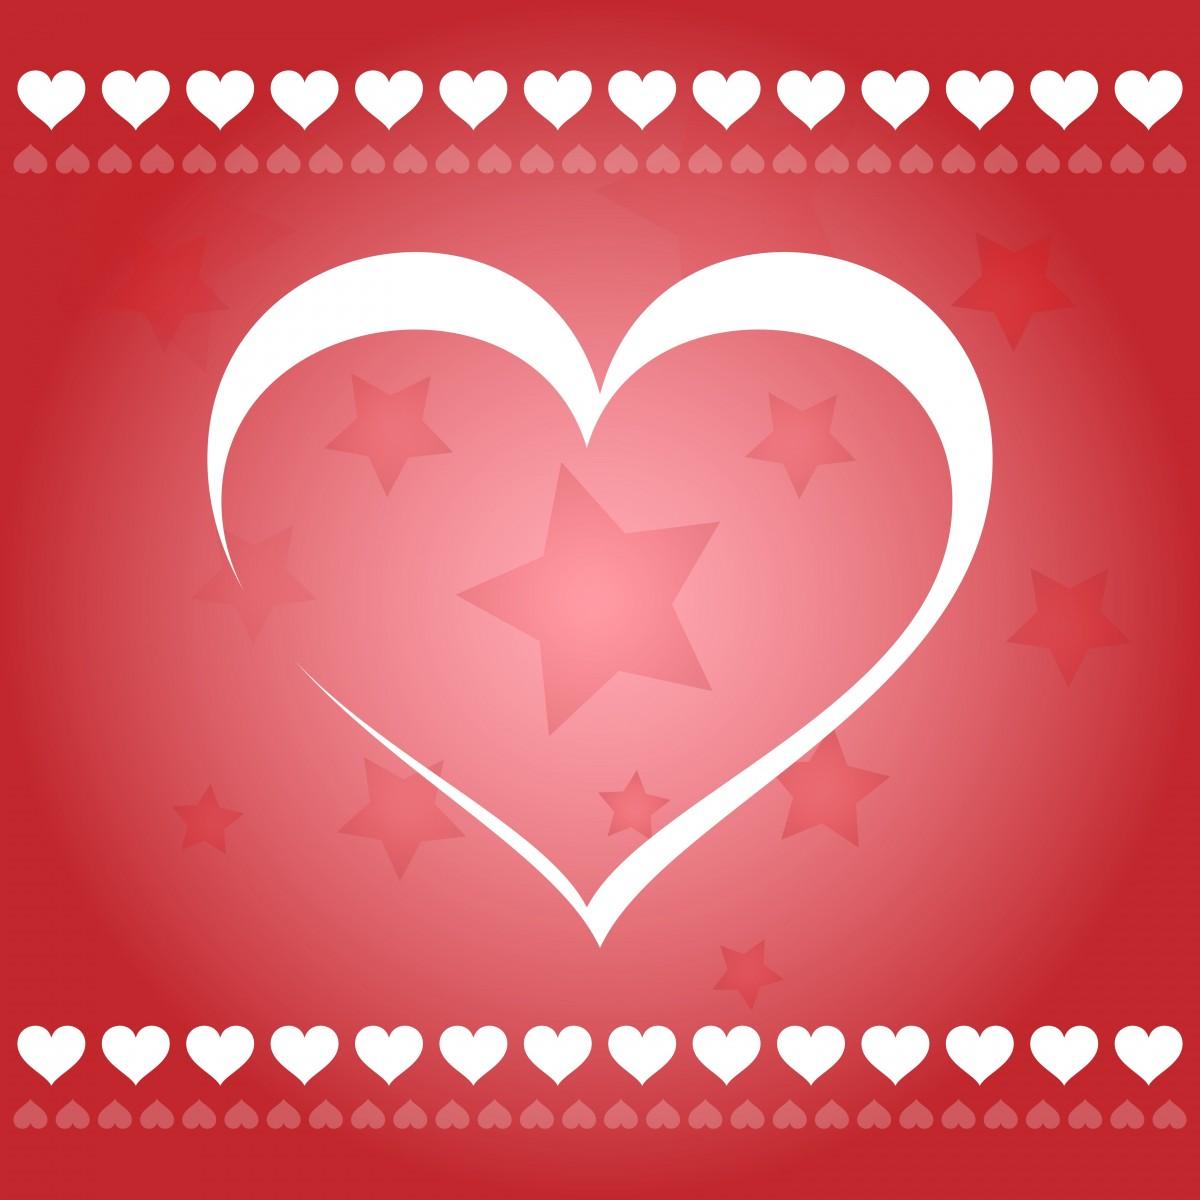 Kostenlose foto : Blütenblatt, Liebe, Herz, rot, Banner, Urlaub ...